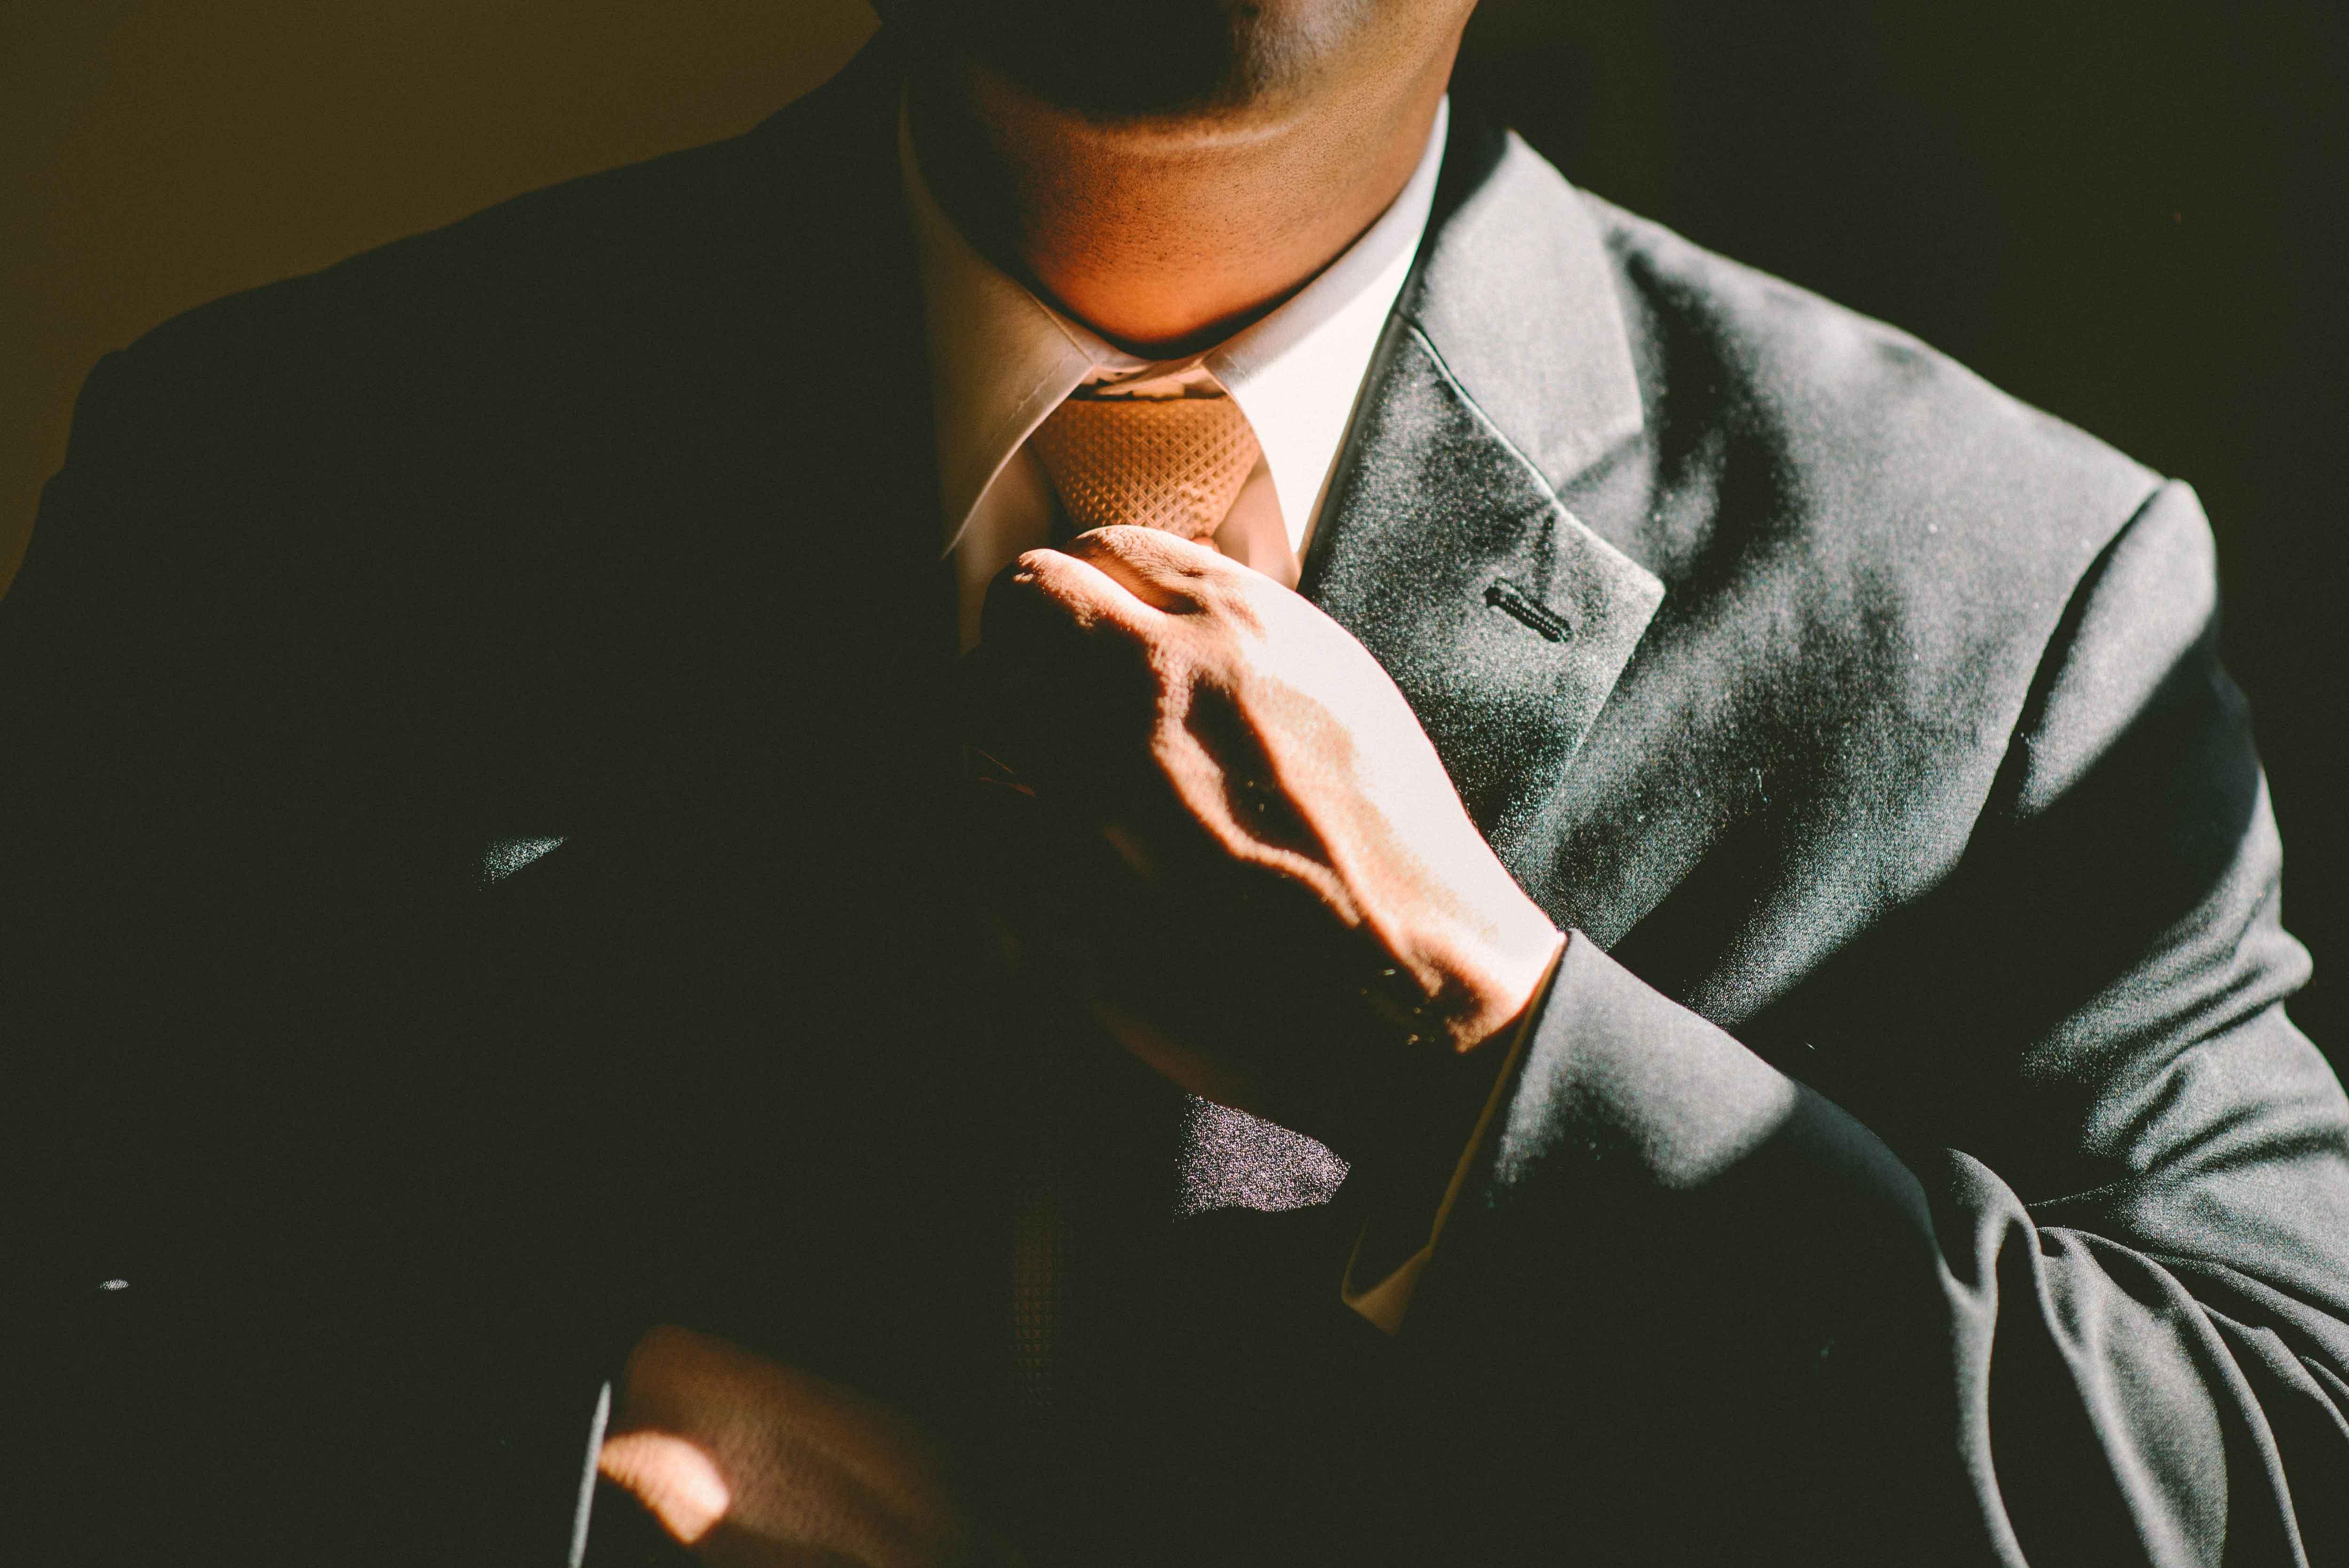 Man in black suit fixing his tie